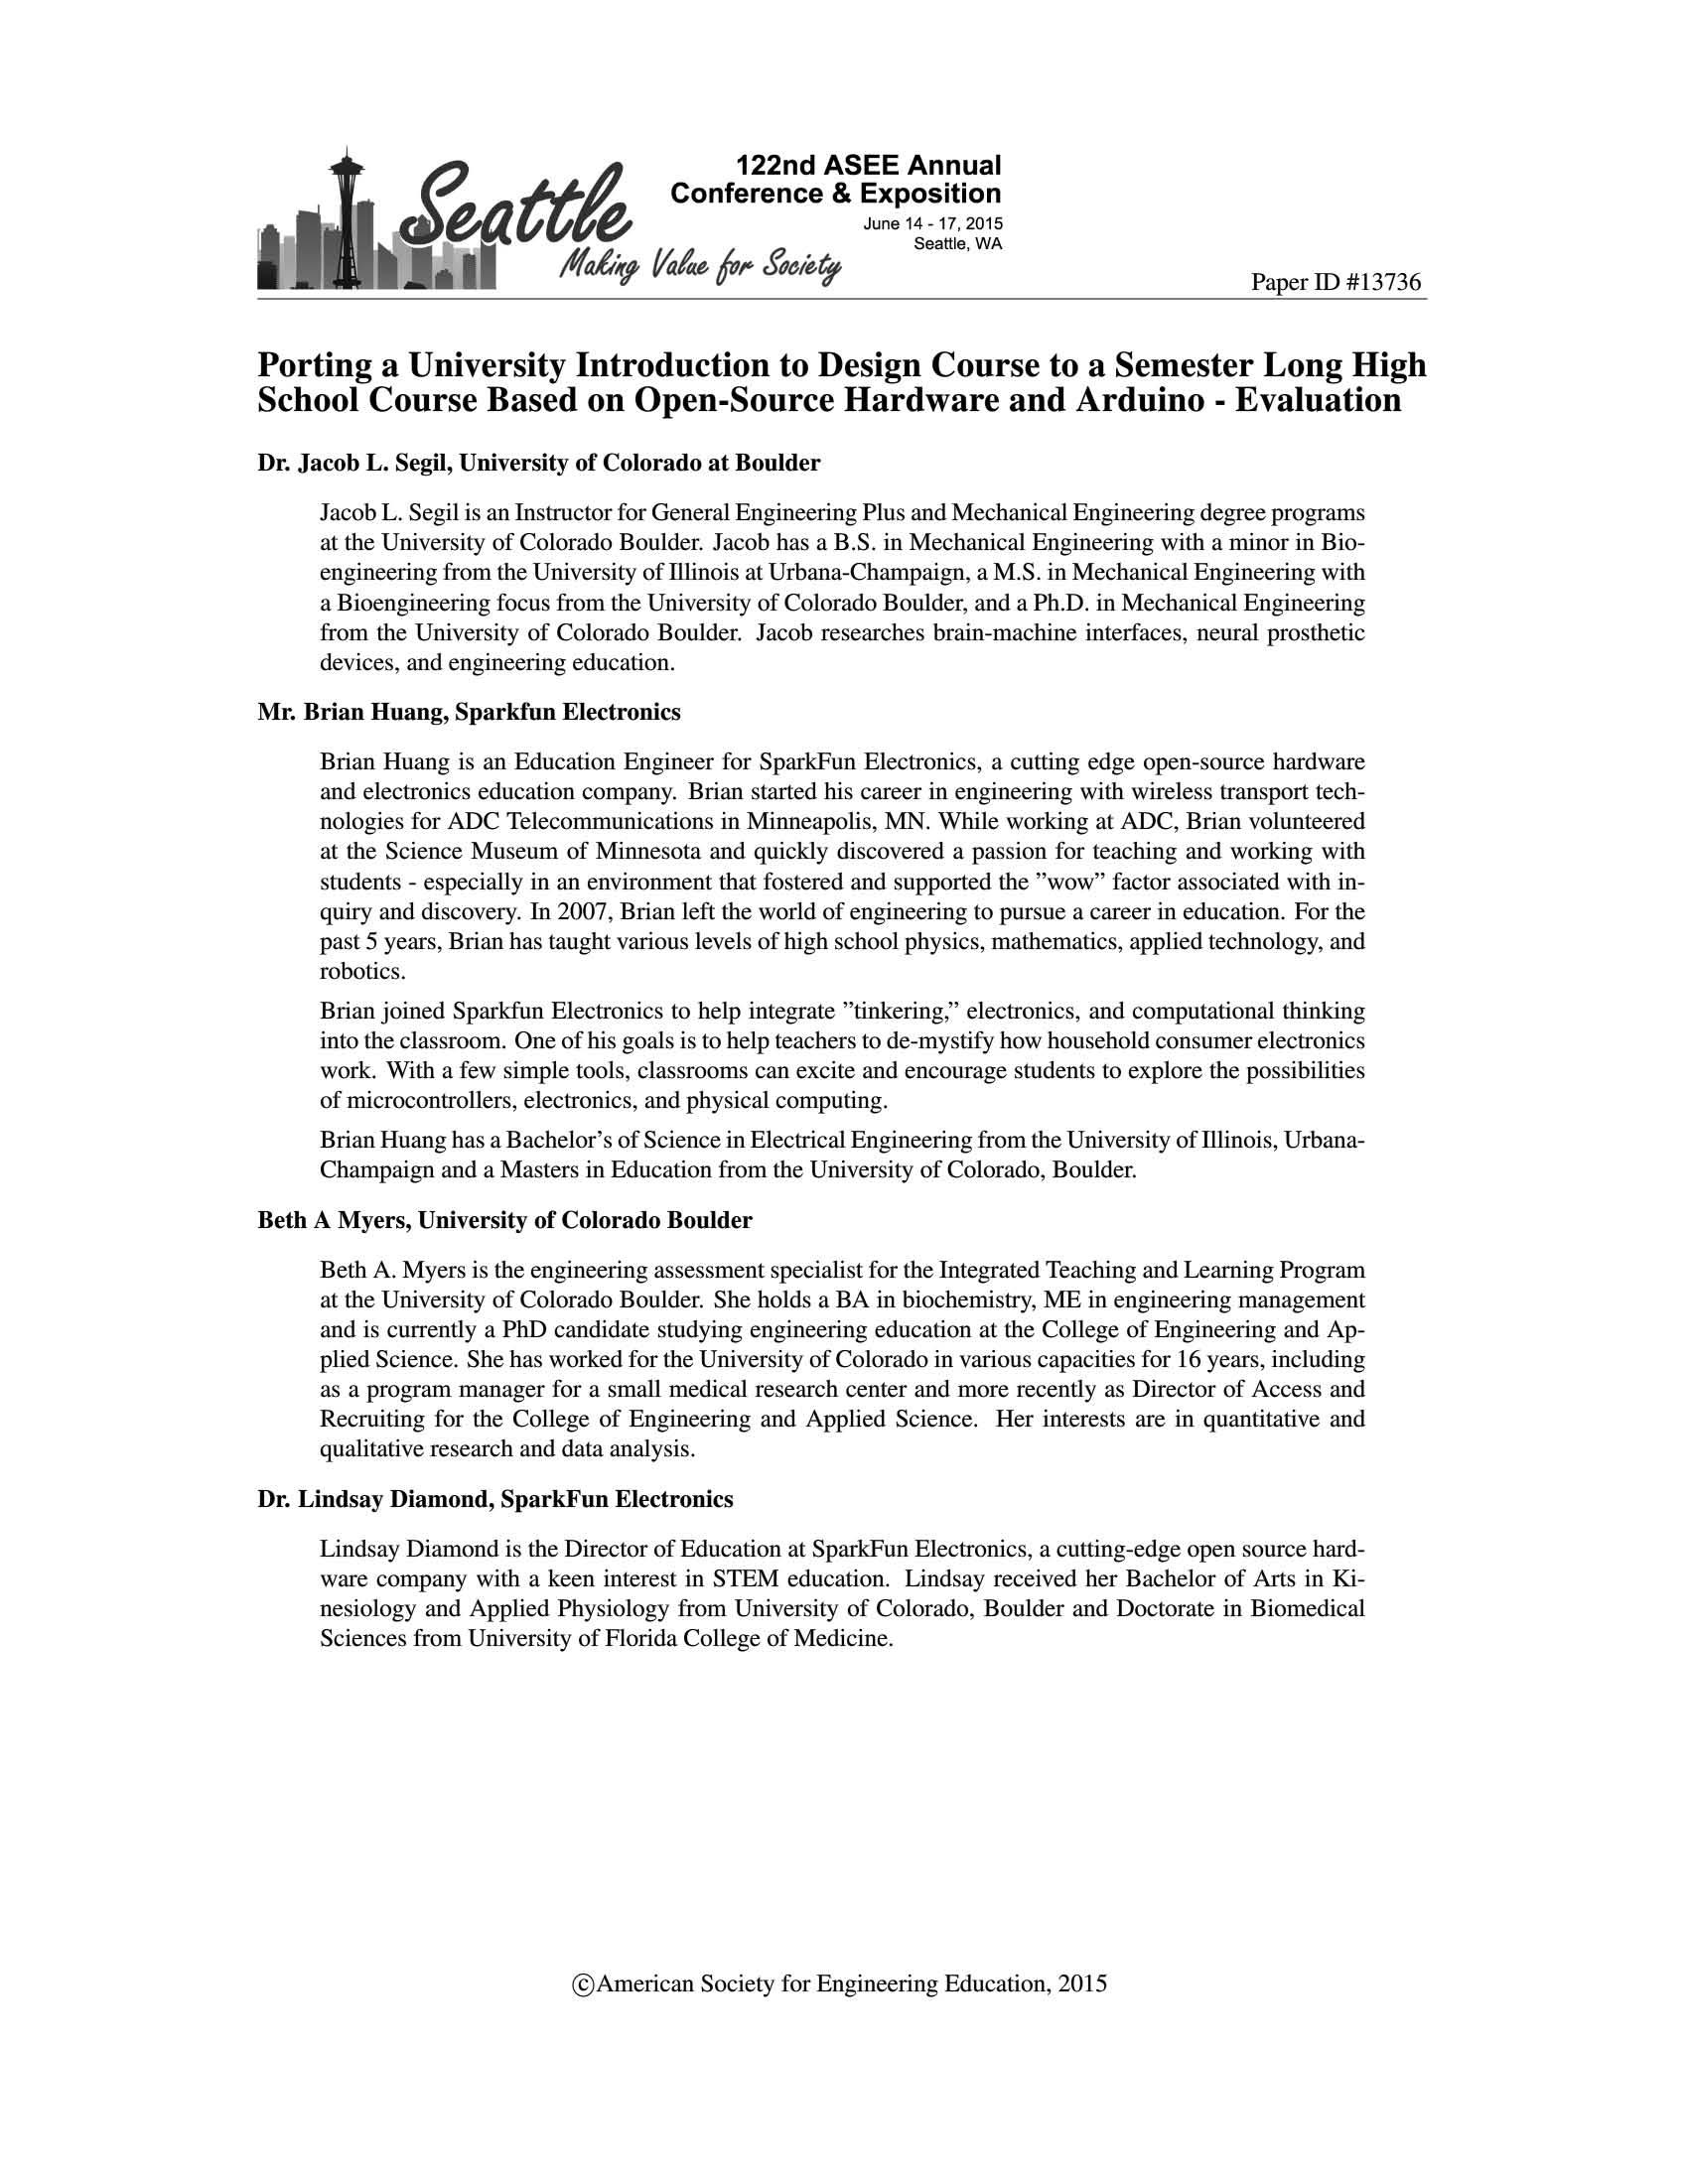 https://cdn.sparkfun.com/assets/home_page_posts/1/9/6/7/Curriculum_Pilot_Page_1.jpg